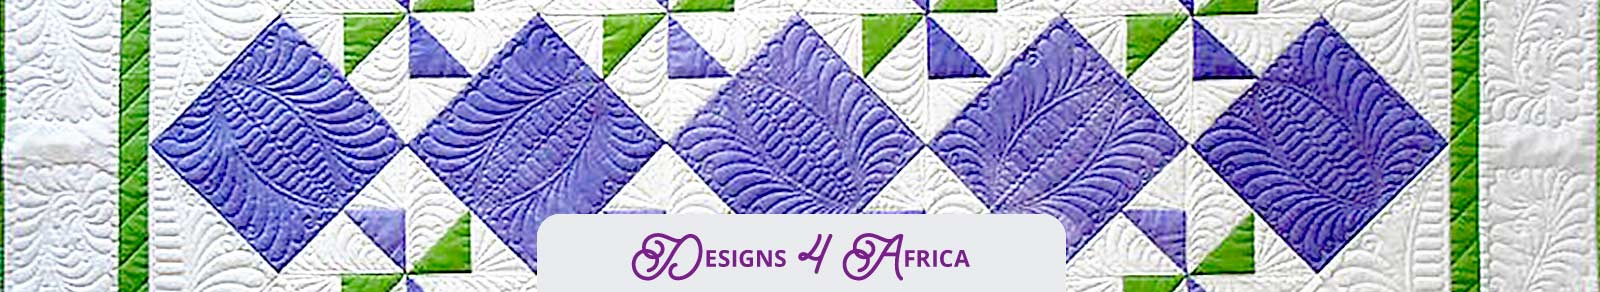 Designs 4 Africa